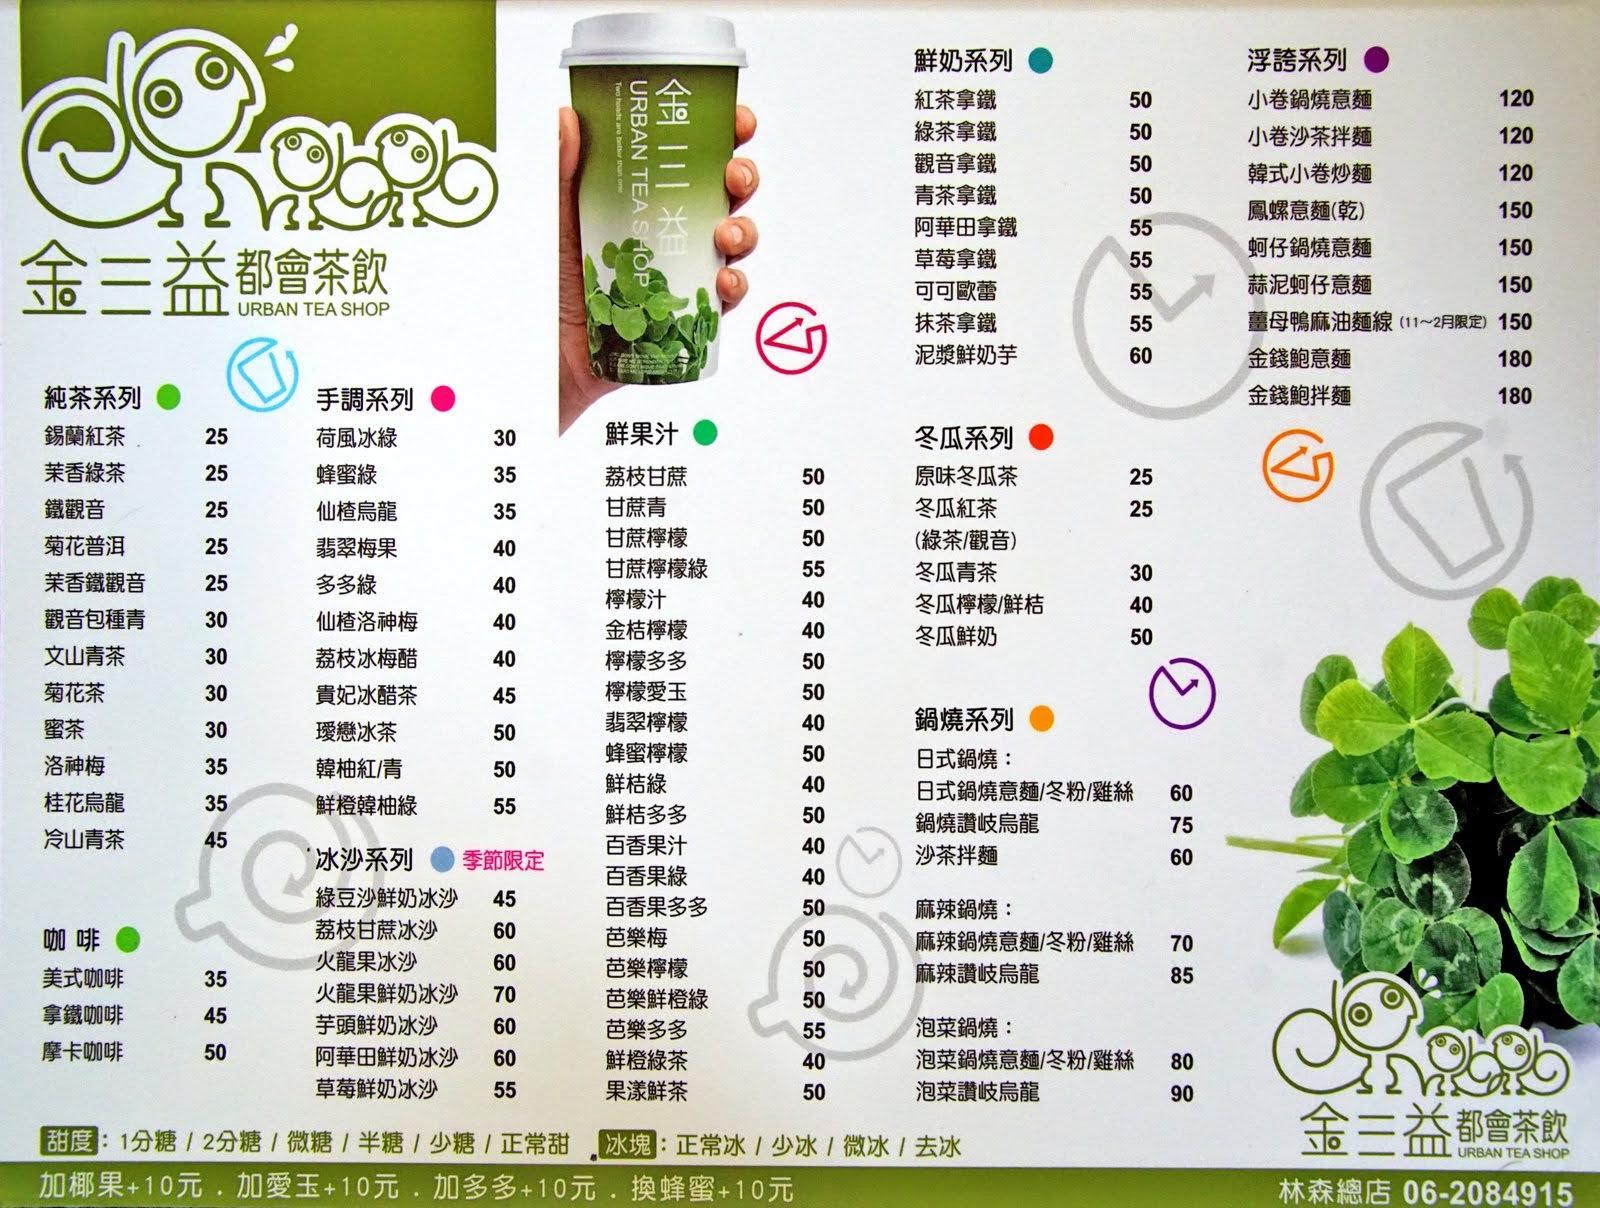 [台南][北區] 金三益健康茶飲|滿到溢出來的超浮誇小卷意麵|食記